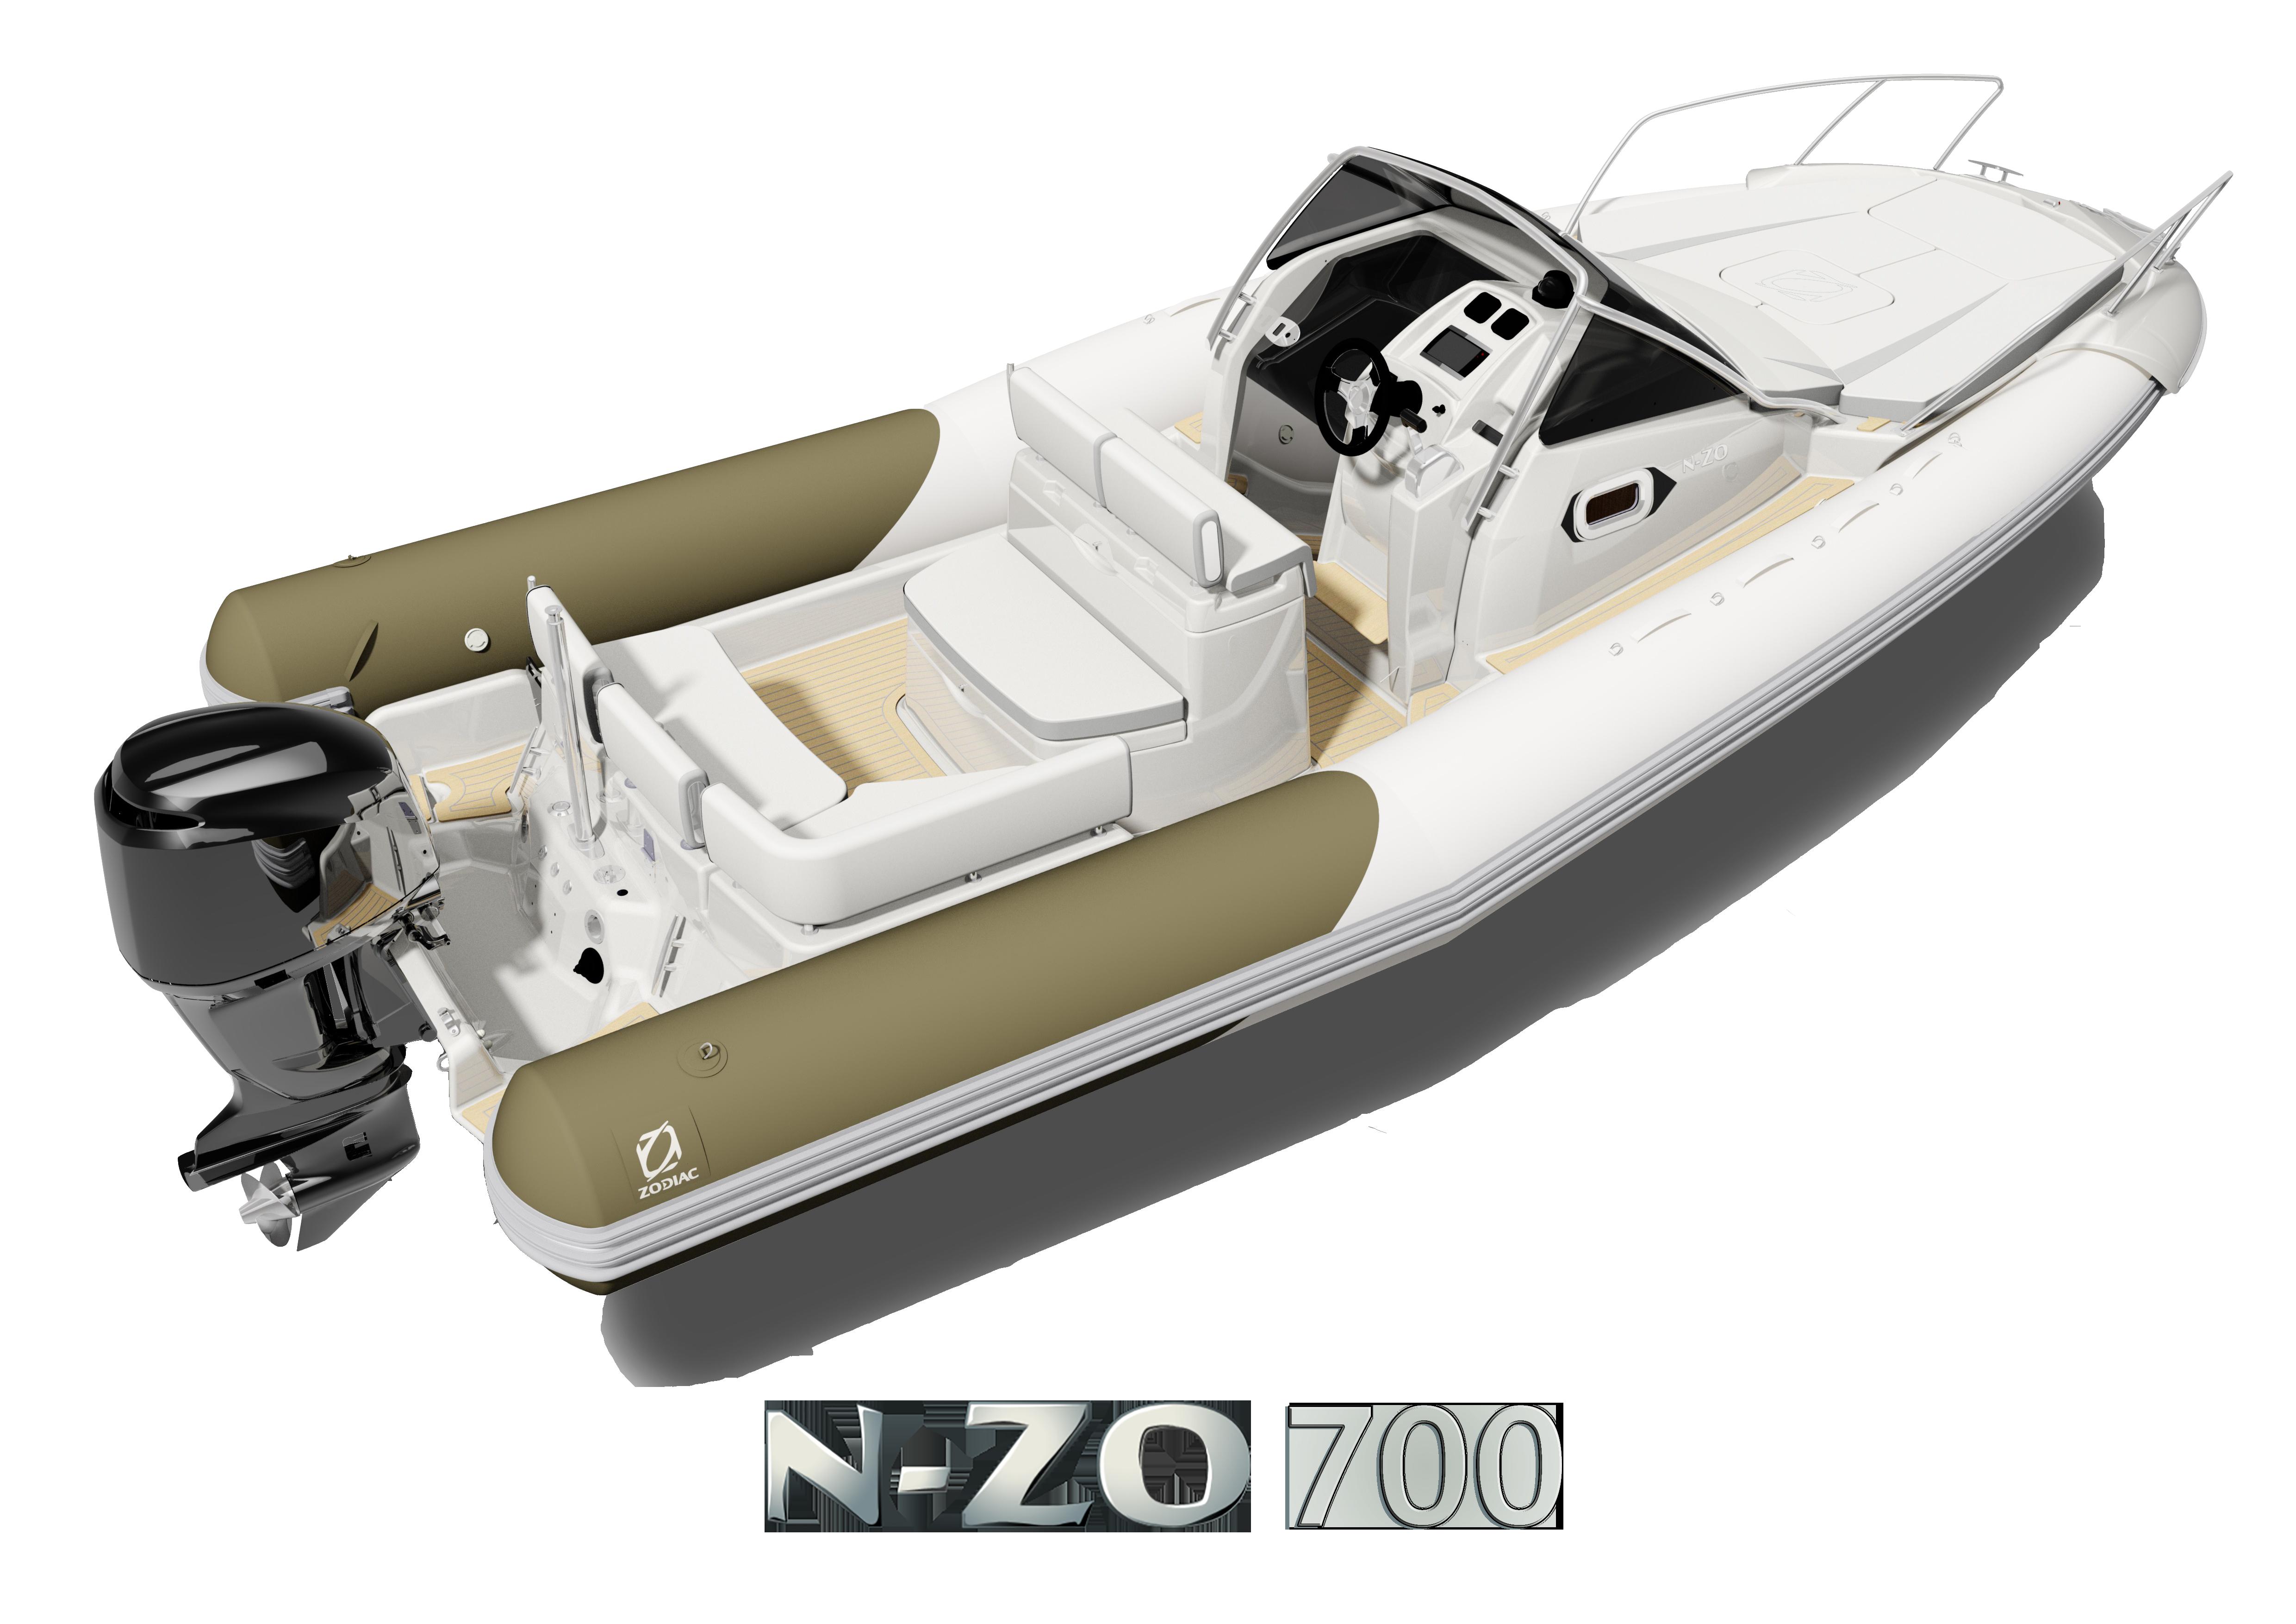 Semi-rigide Zodiac N-ZO 700